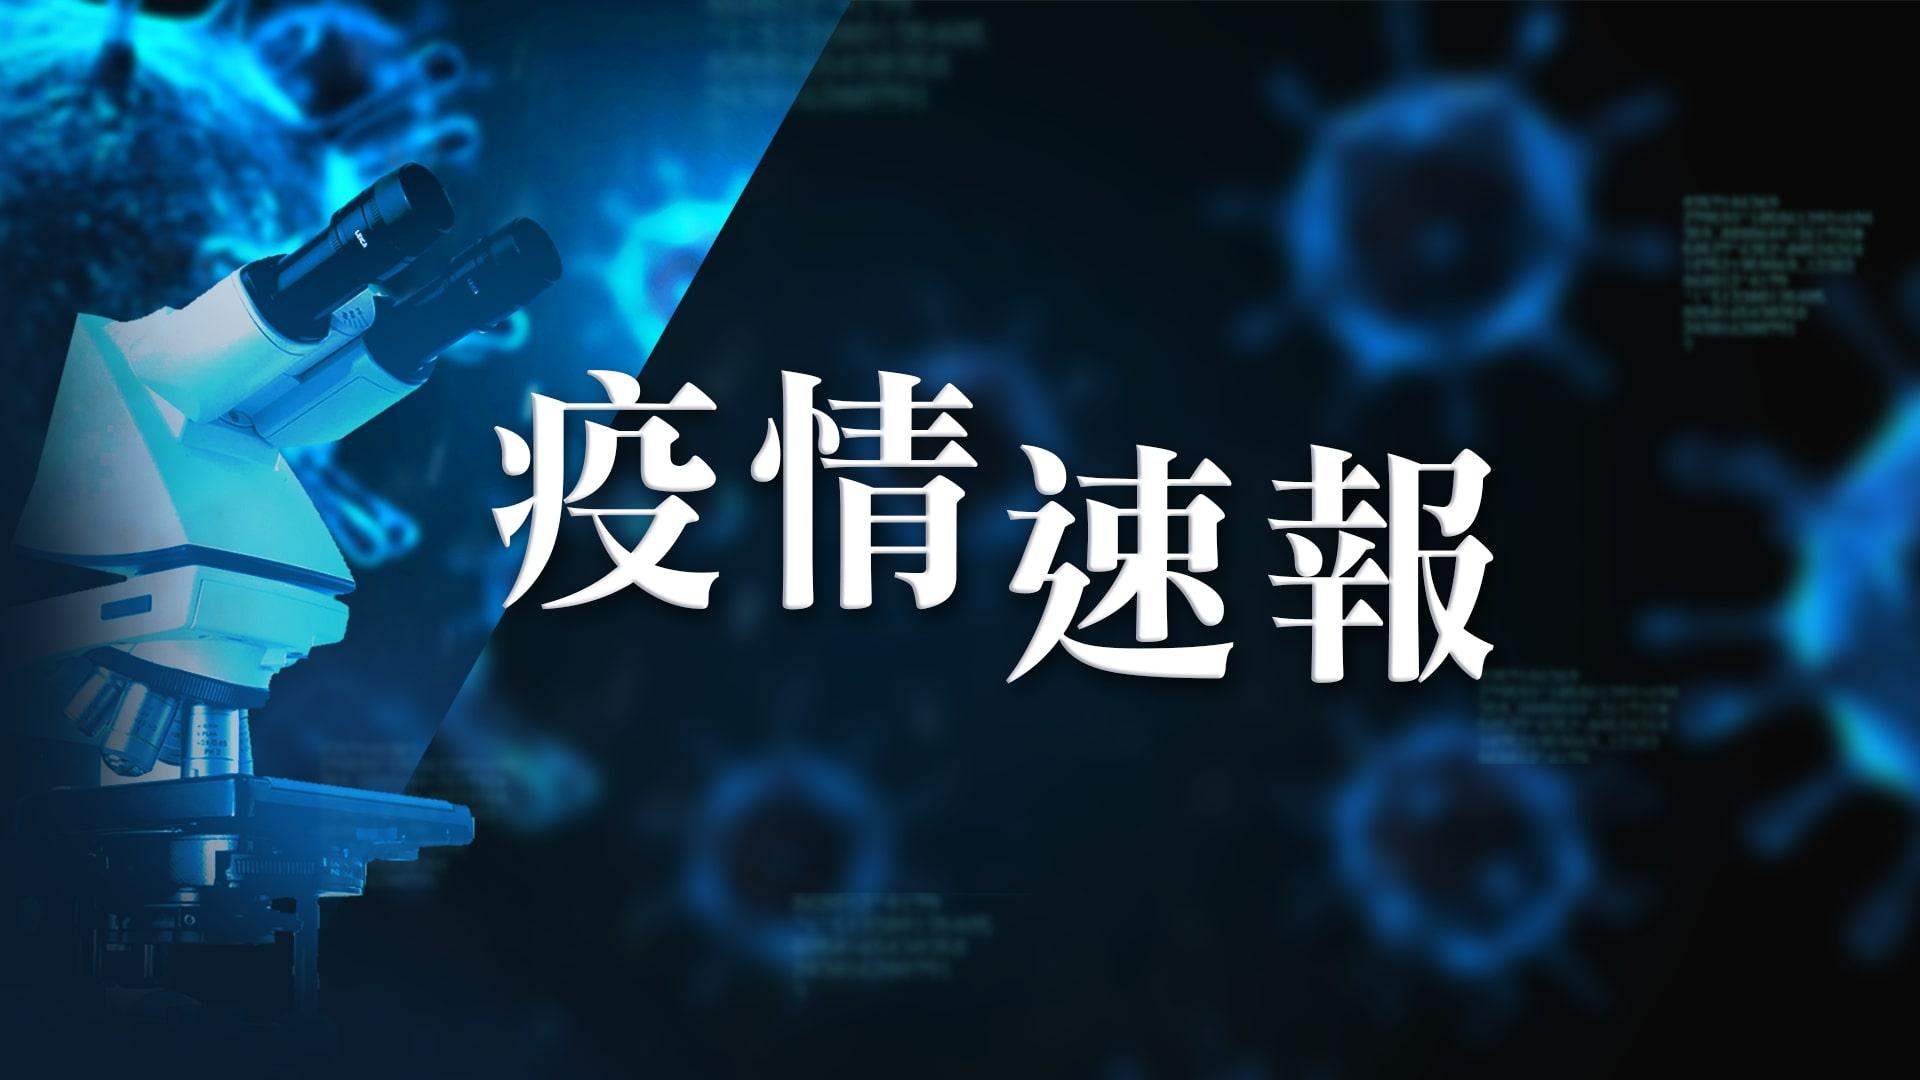 【10月10日疫情速報】(22:25)